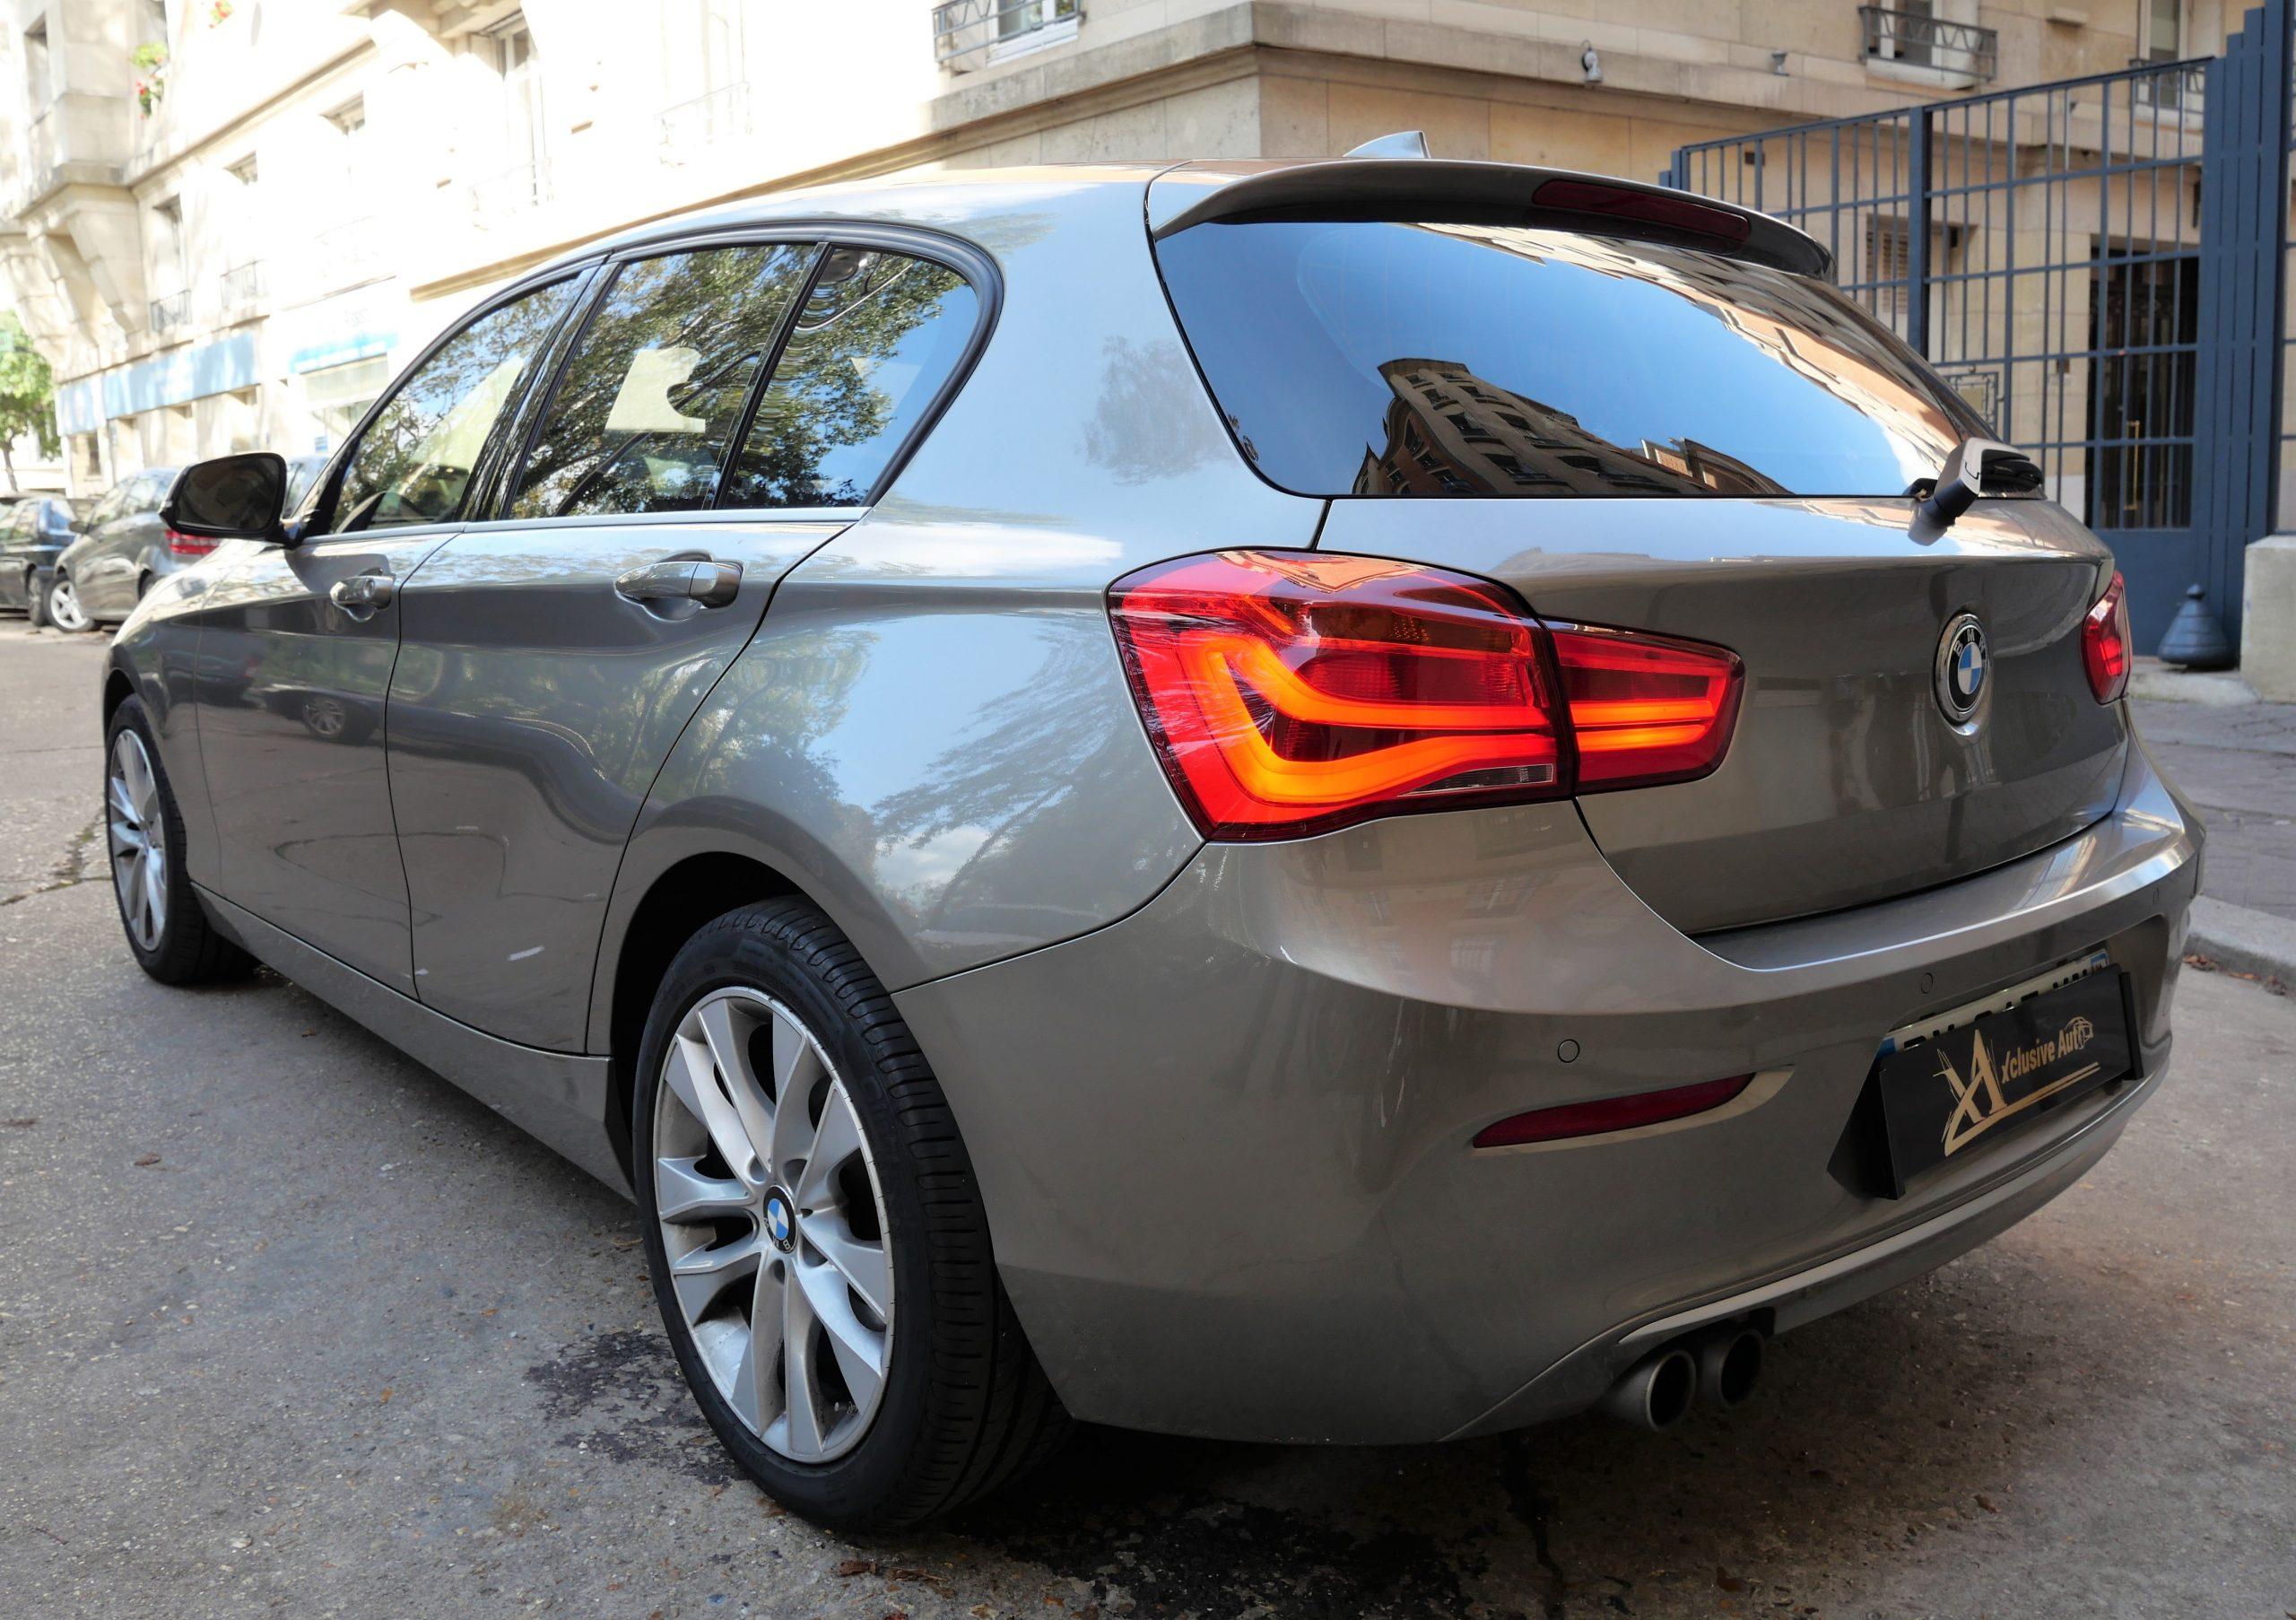 BMW Série 1 (F20) XDrive LCI 120d 2.0 d 190ch 2